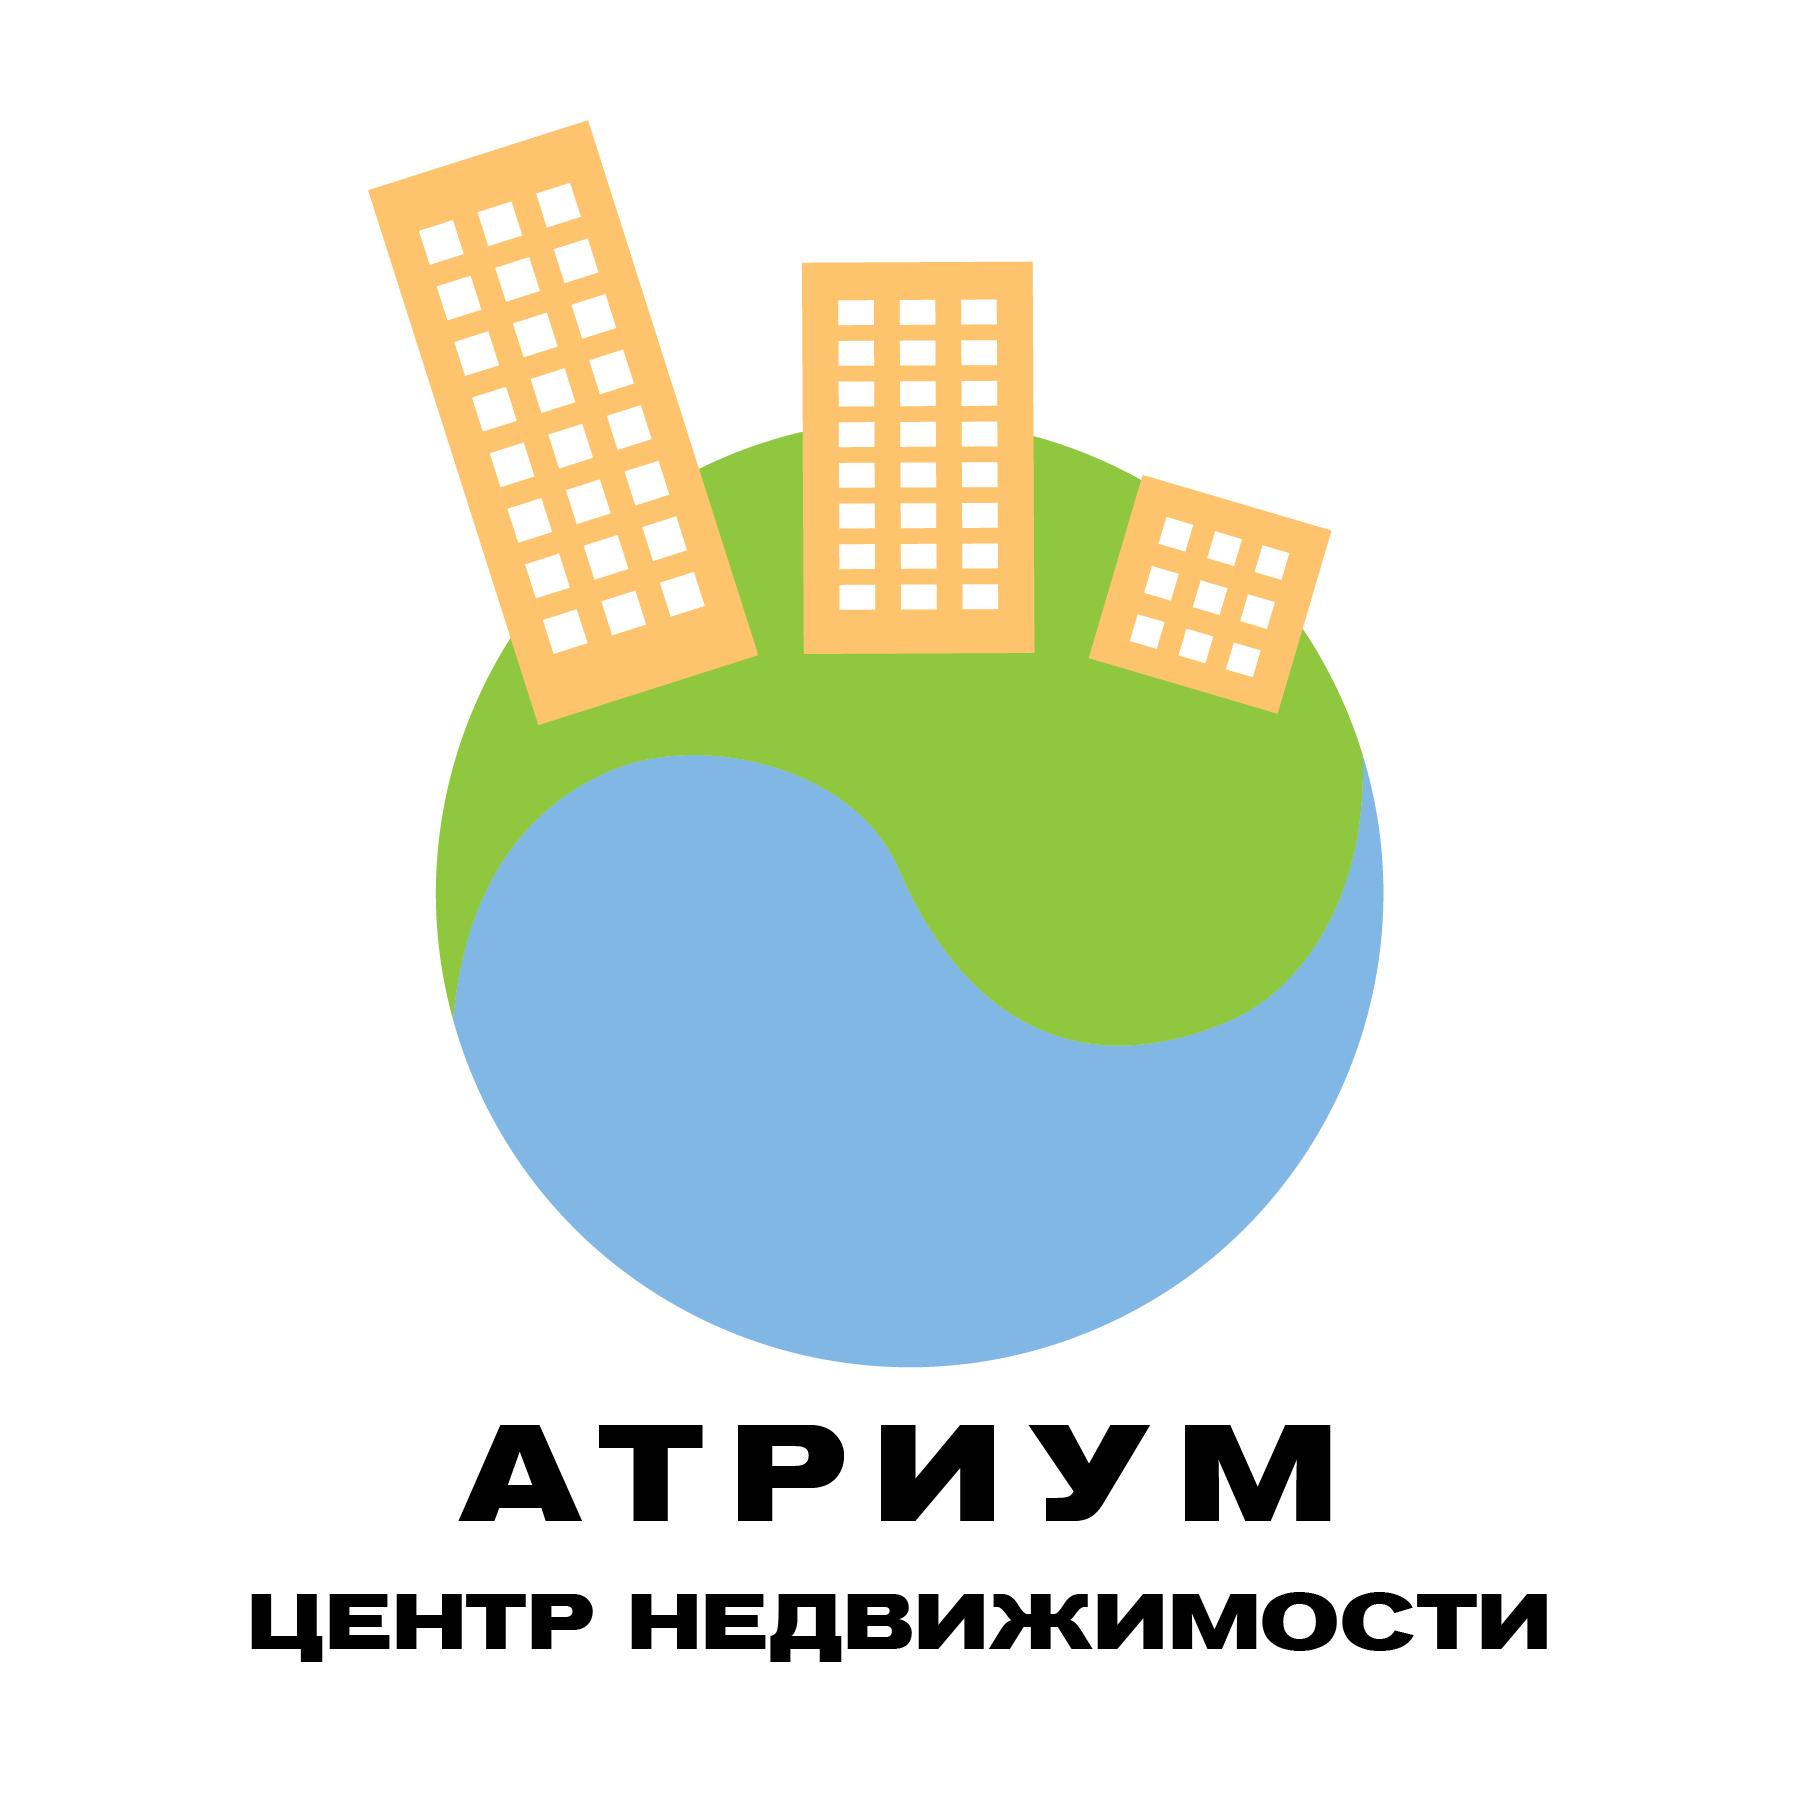 Редизайн / модернизация логотипа Центра недвижимости фото f_8495bc07c96cd737.png